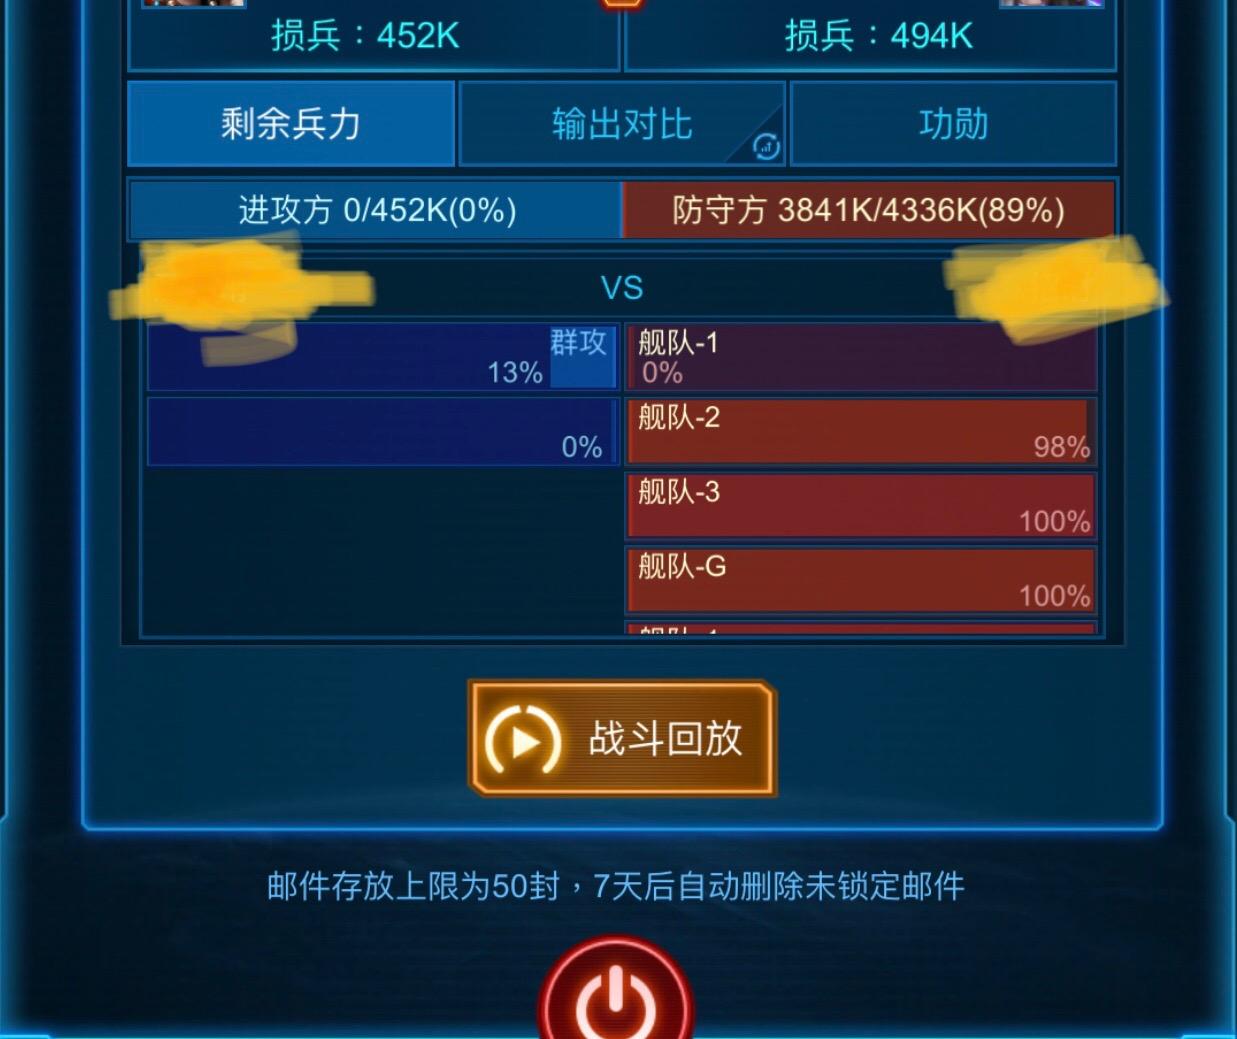 4BF534C2-EC72-4181-8F64-84306F13A4BC.jpeg